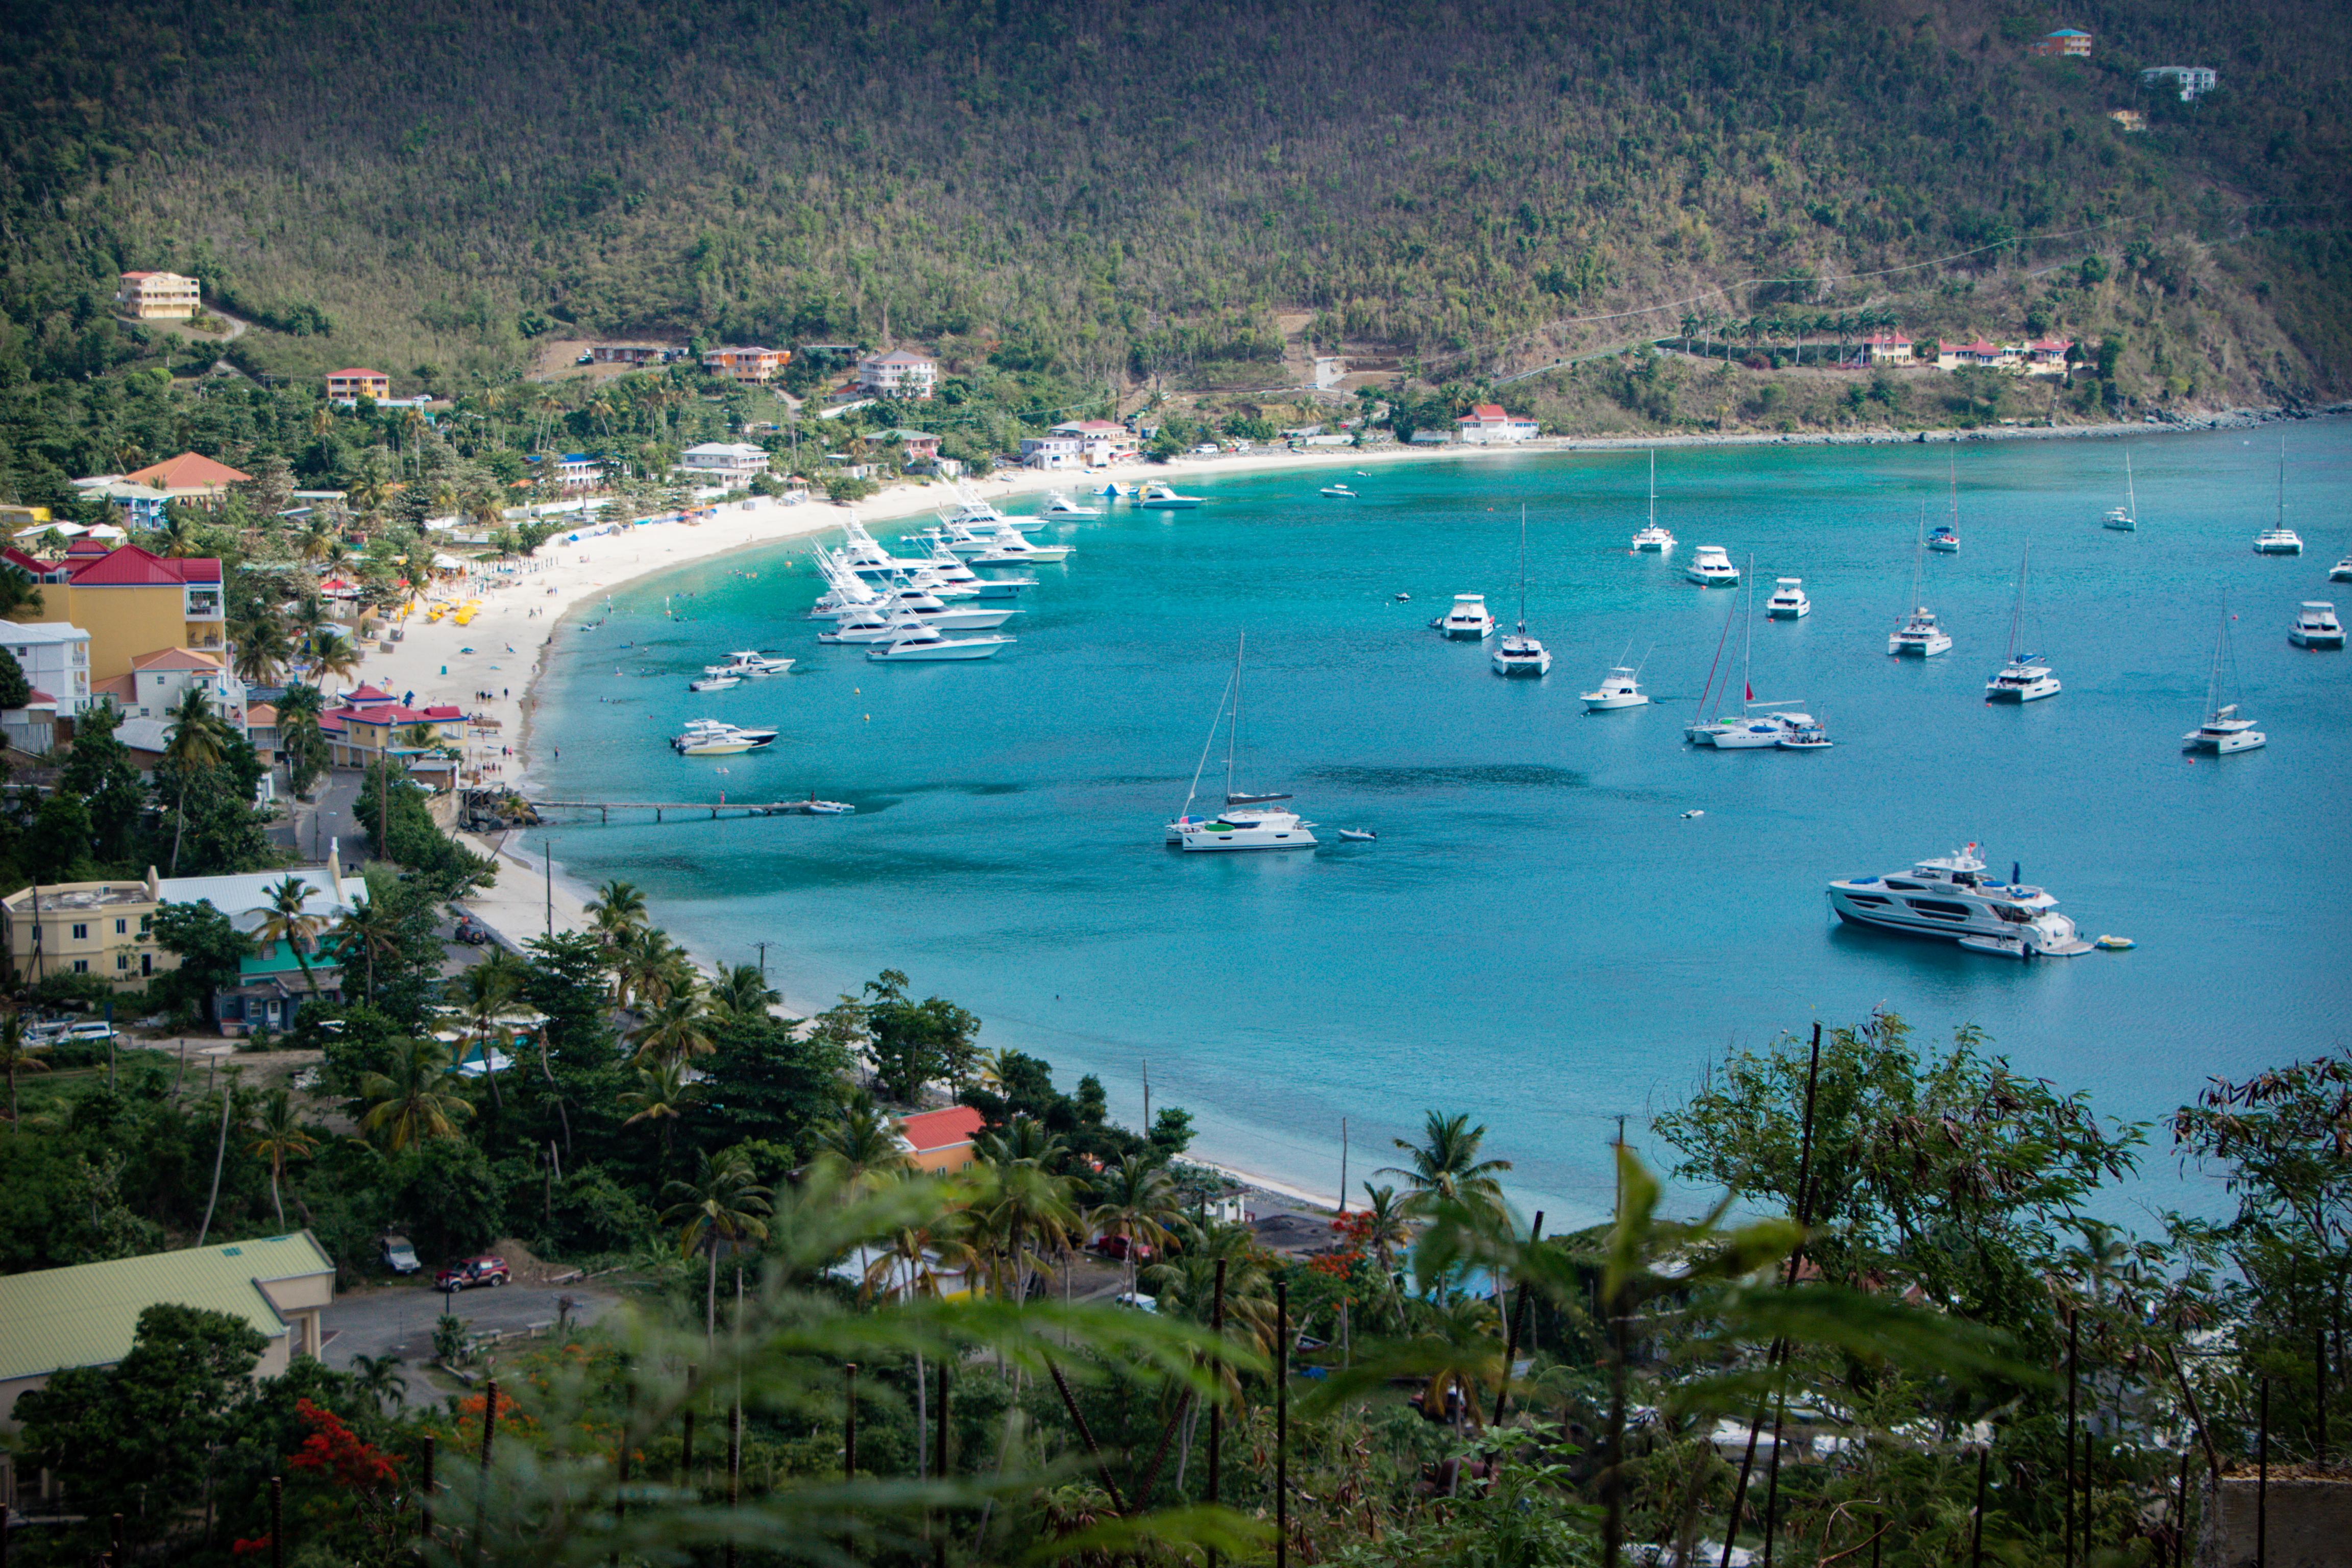 O cartão potal de Tortola: Cane Garden Bay